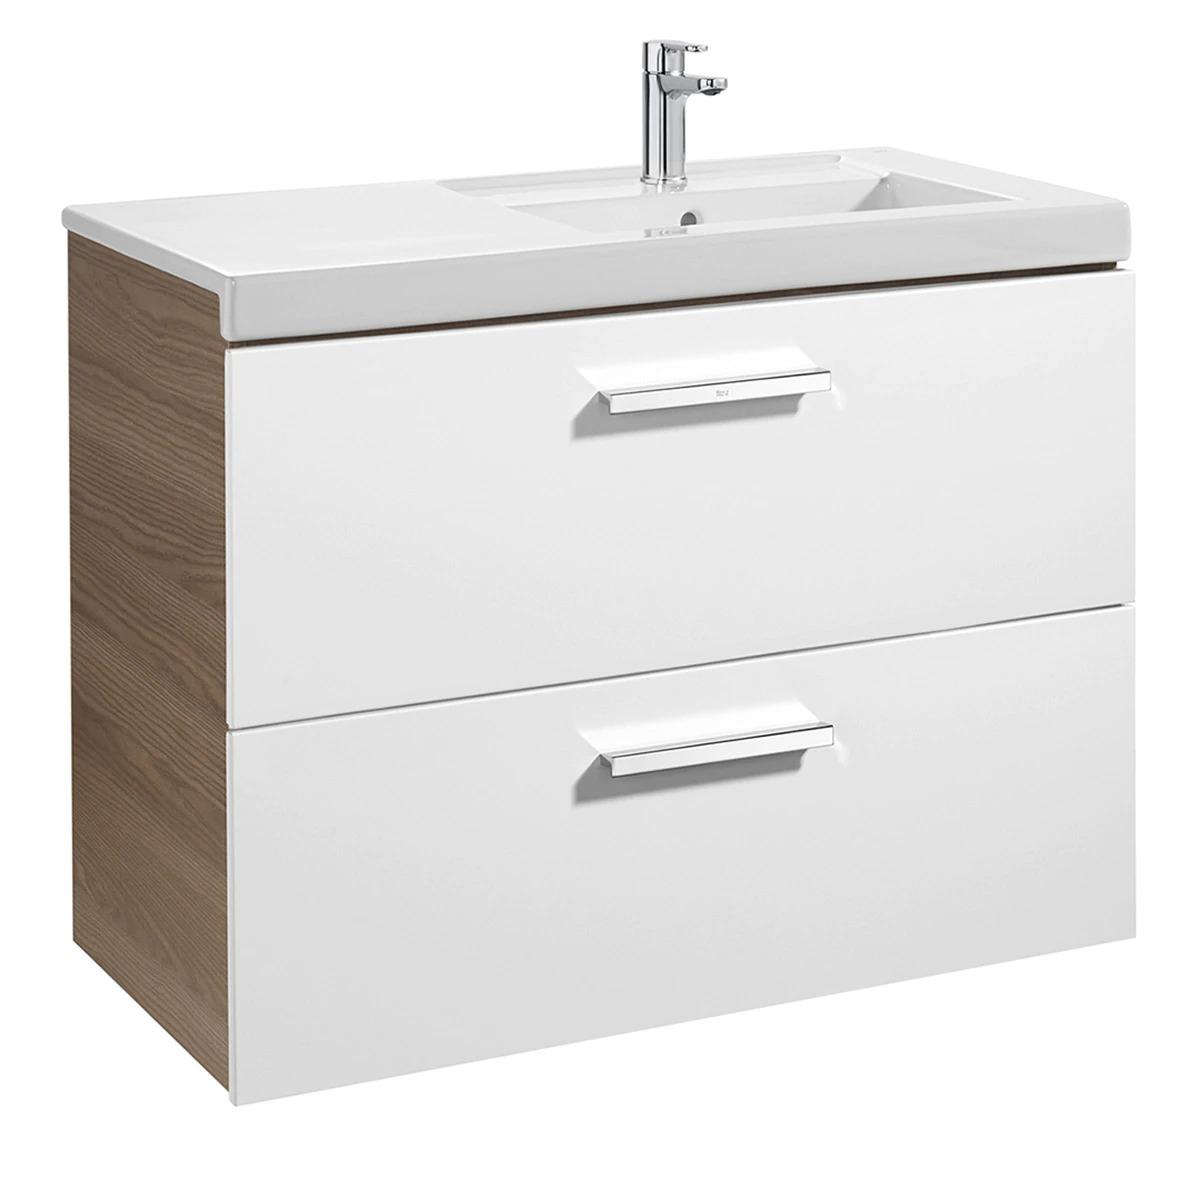 Conjunto de baño con mueble con 2 cajones y lavabo Prisma Roca